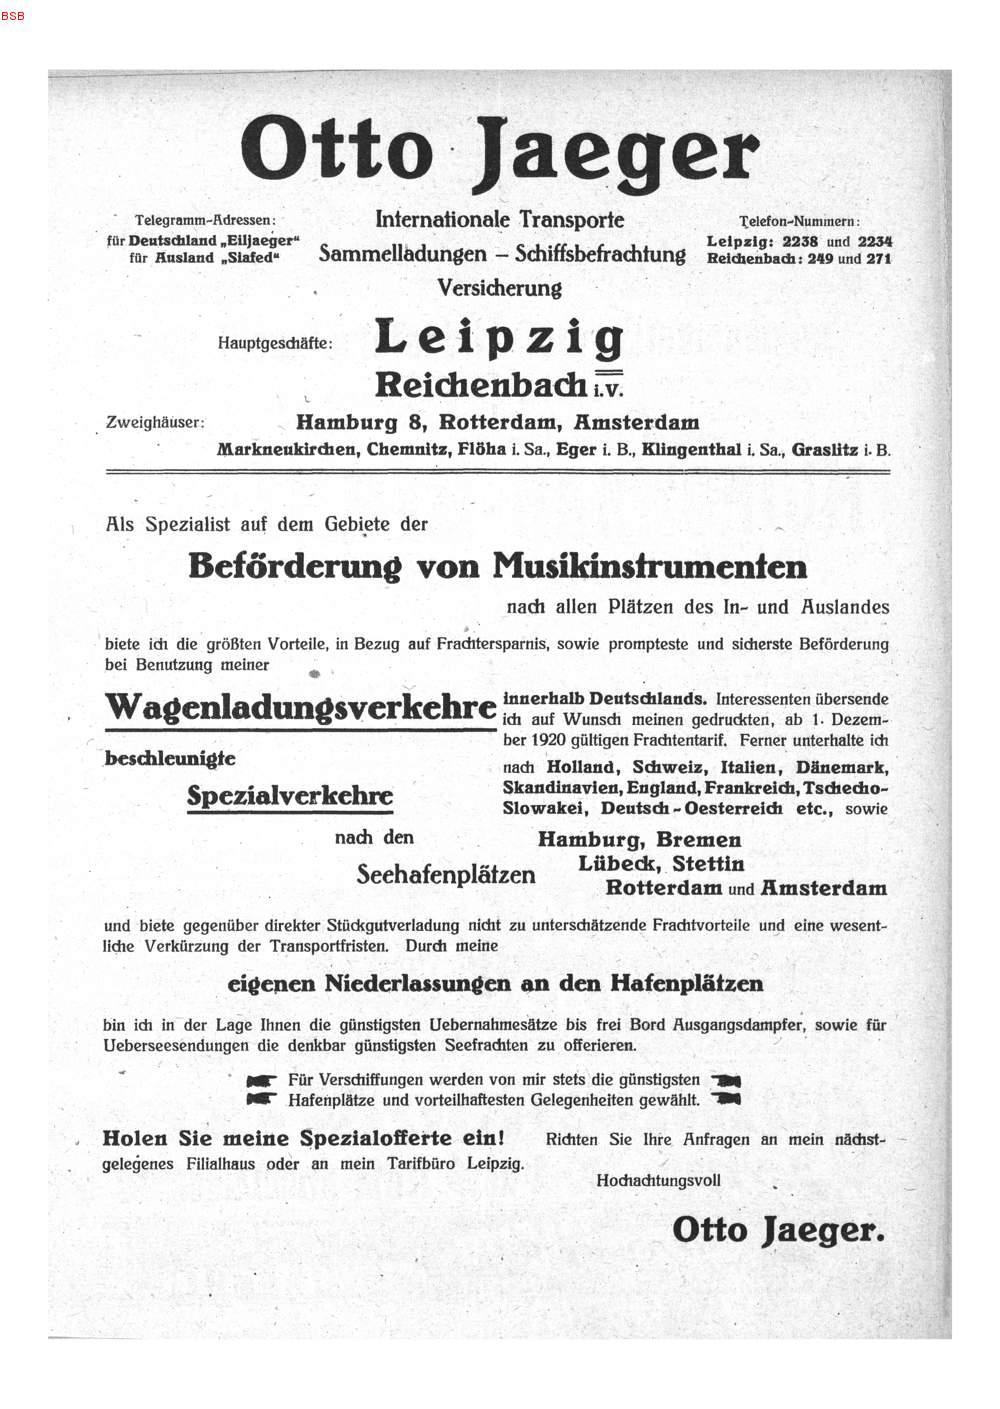 S 372a Werbe Beilage Otto Jaeger Internationale Transporte